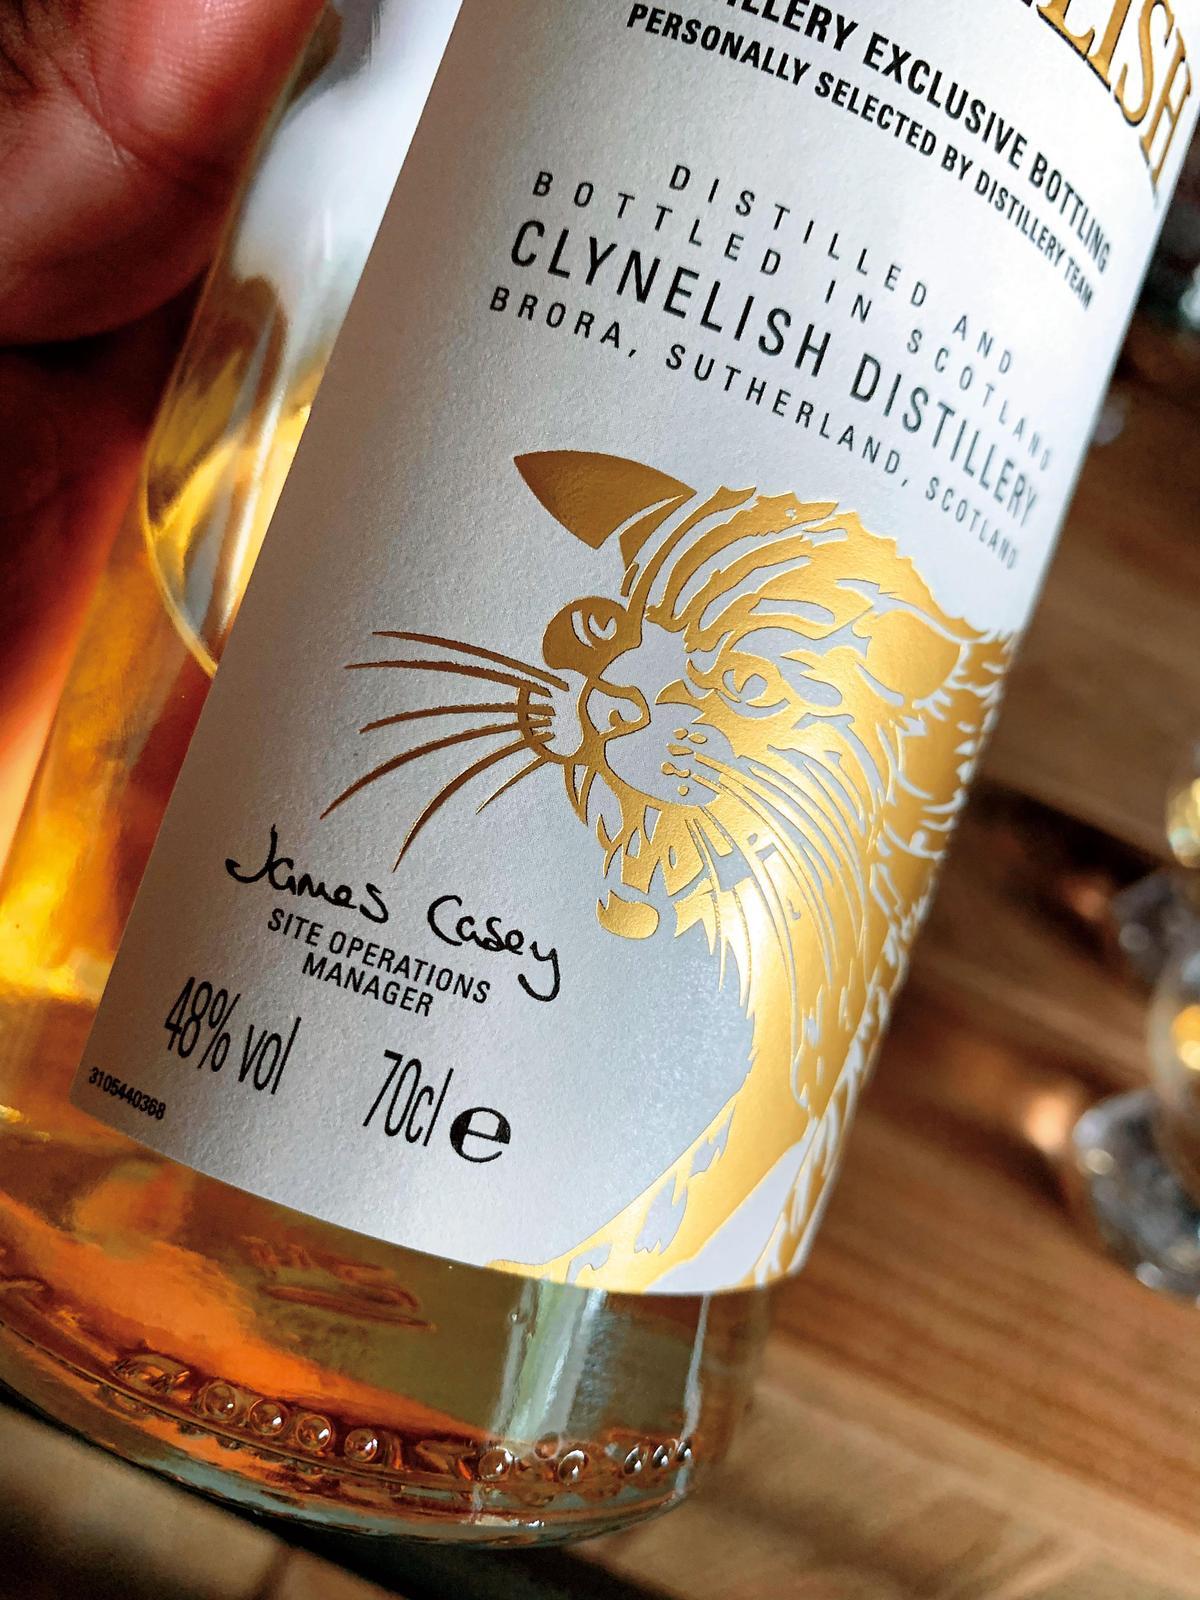 1819年第1代Sutherland公爵建立了酒廠,以家徽上的山貓圖騰做為標誌,從此跟著克里尼許威士忌。